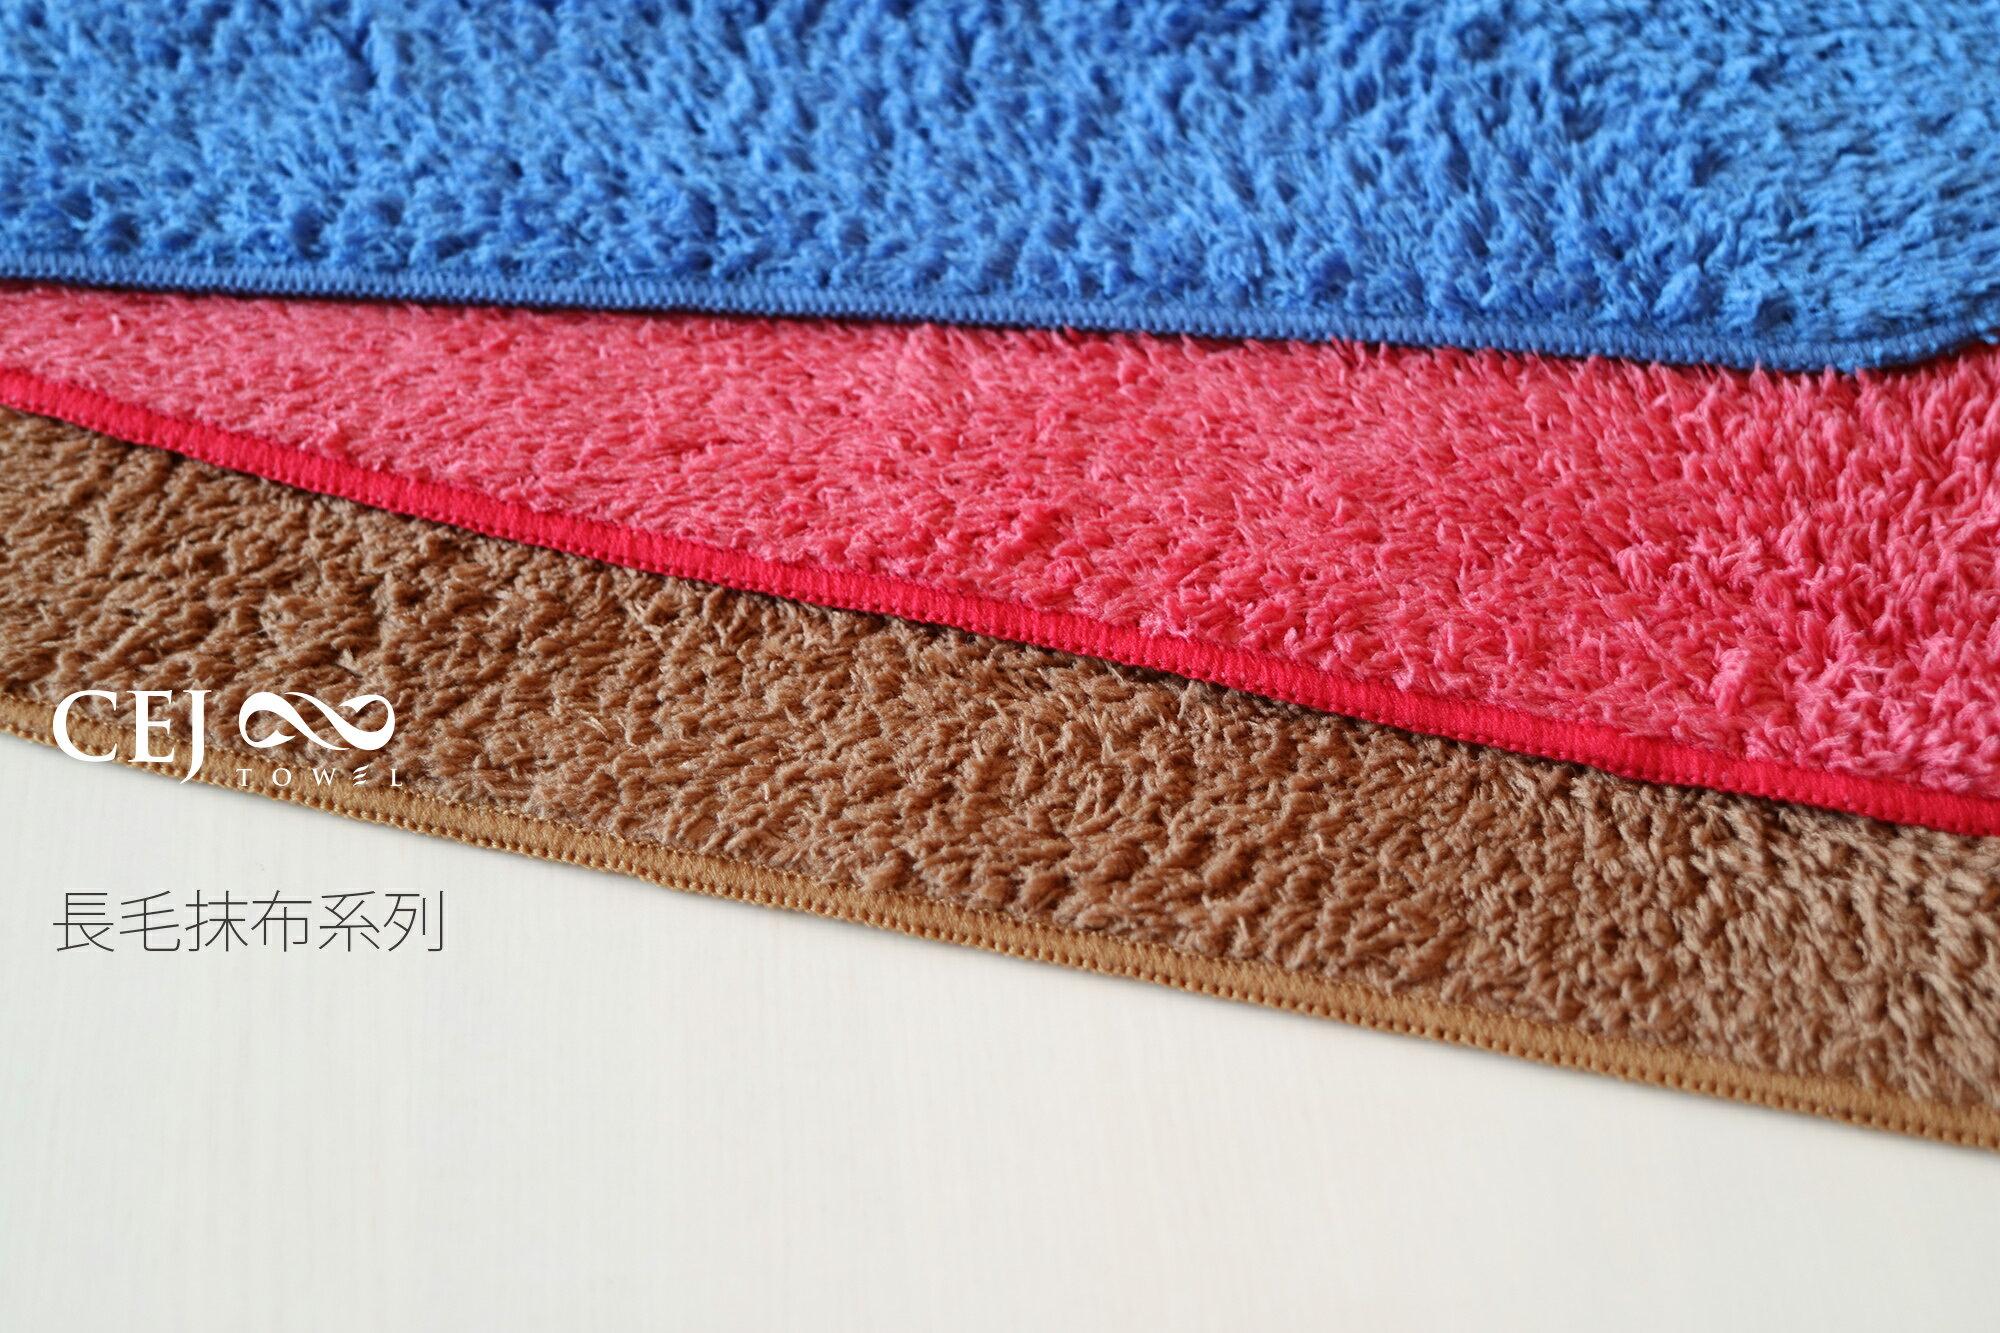 長毛抹布|吸易潔吸水毛巾系列|廚房擦拭、較油面的桌子、神桌(有效清潔香灰)